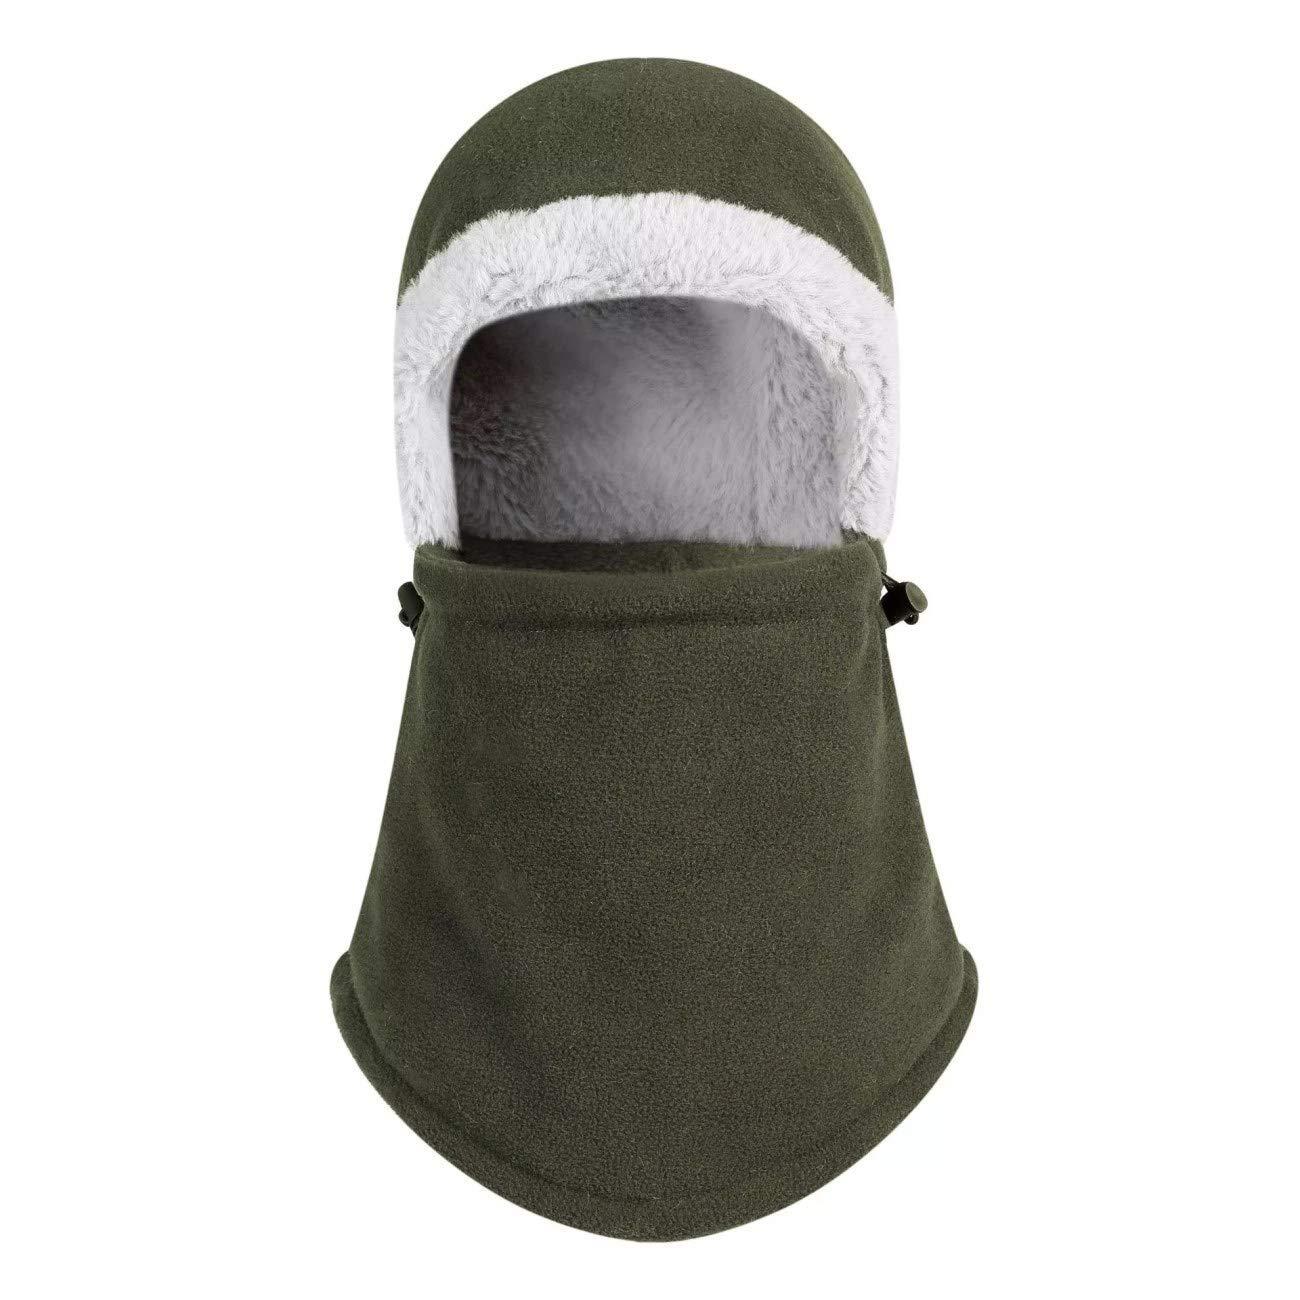 0c9d8a9762a93 Get Quotations · LLmoway Men Women Winter Warm Hat Fleece Balaclava Hood  Face Mask Neck Warmer